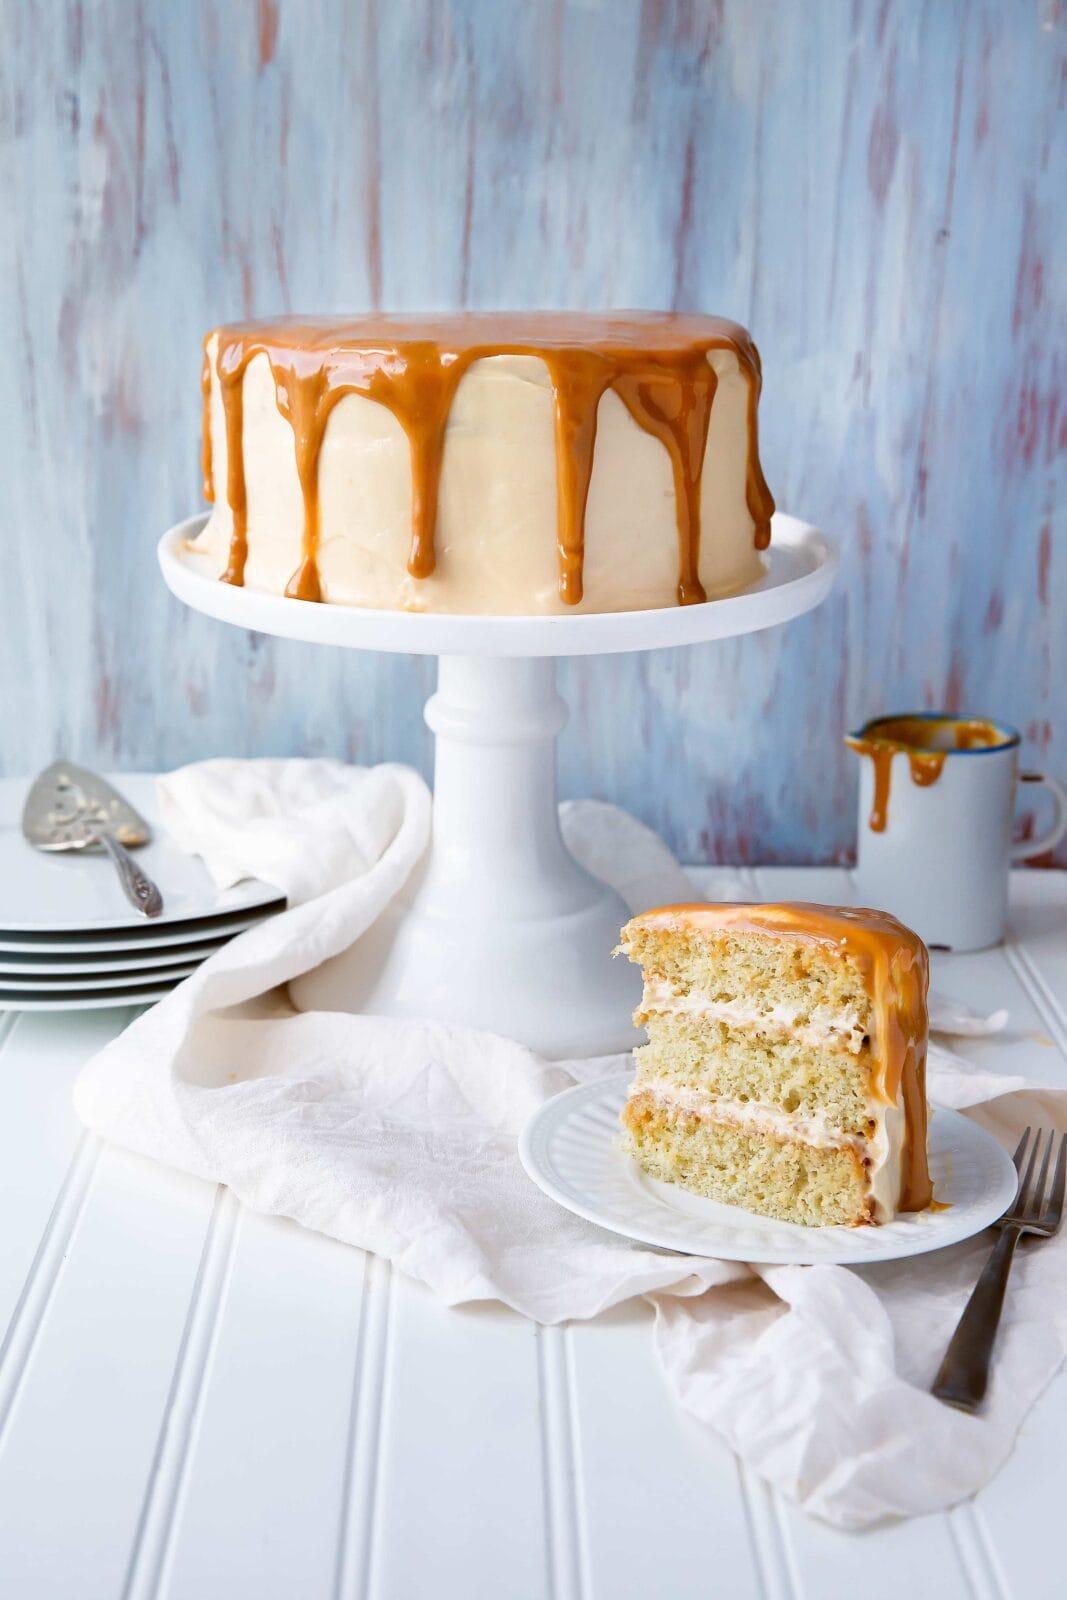 Illatos, banánrétegű torta, házi készítésű dulce de leche cukormázzal!